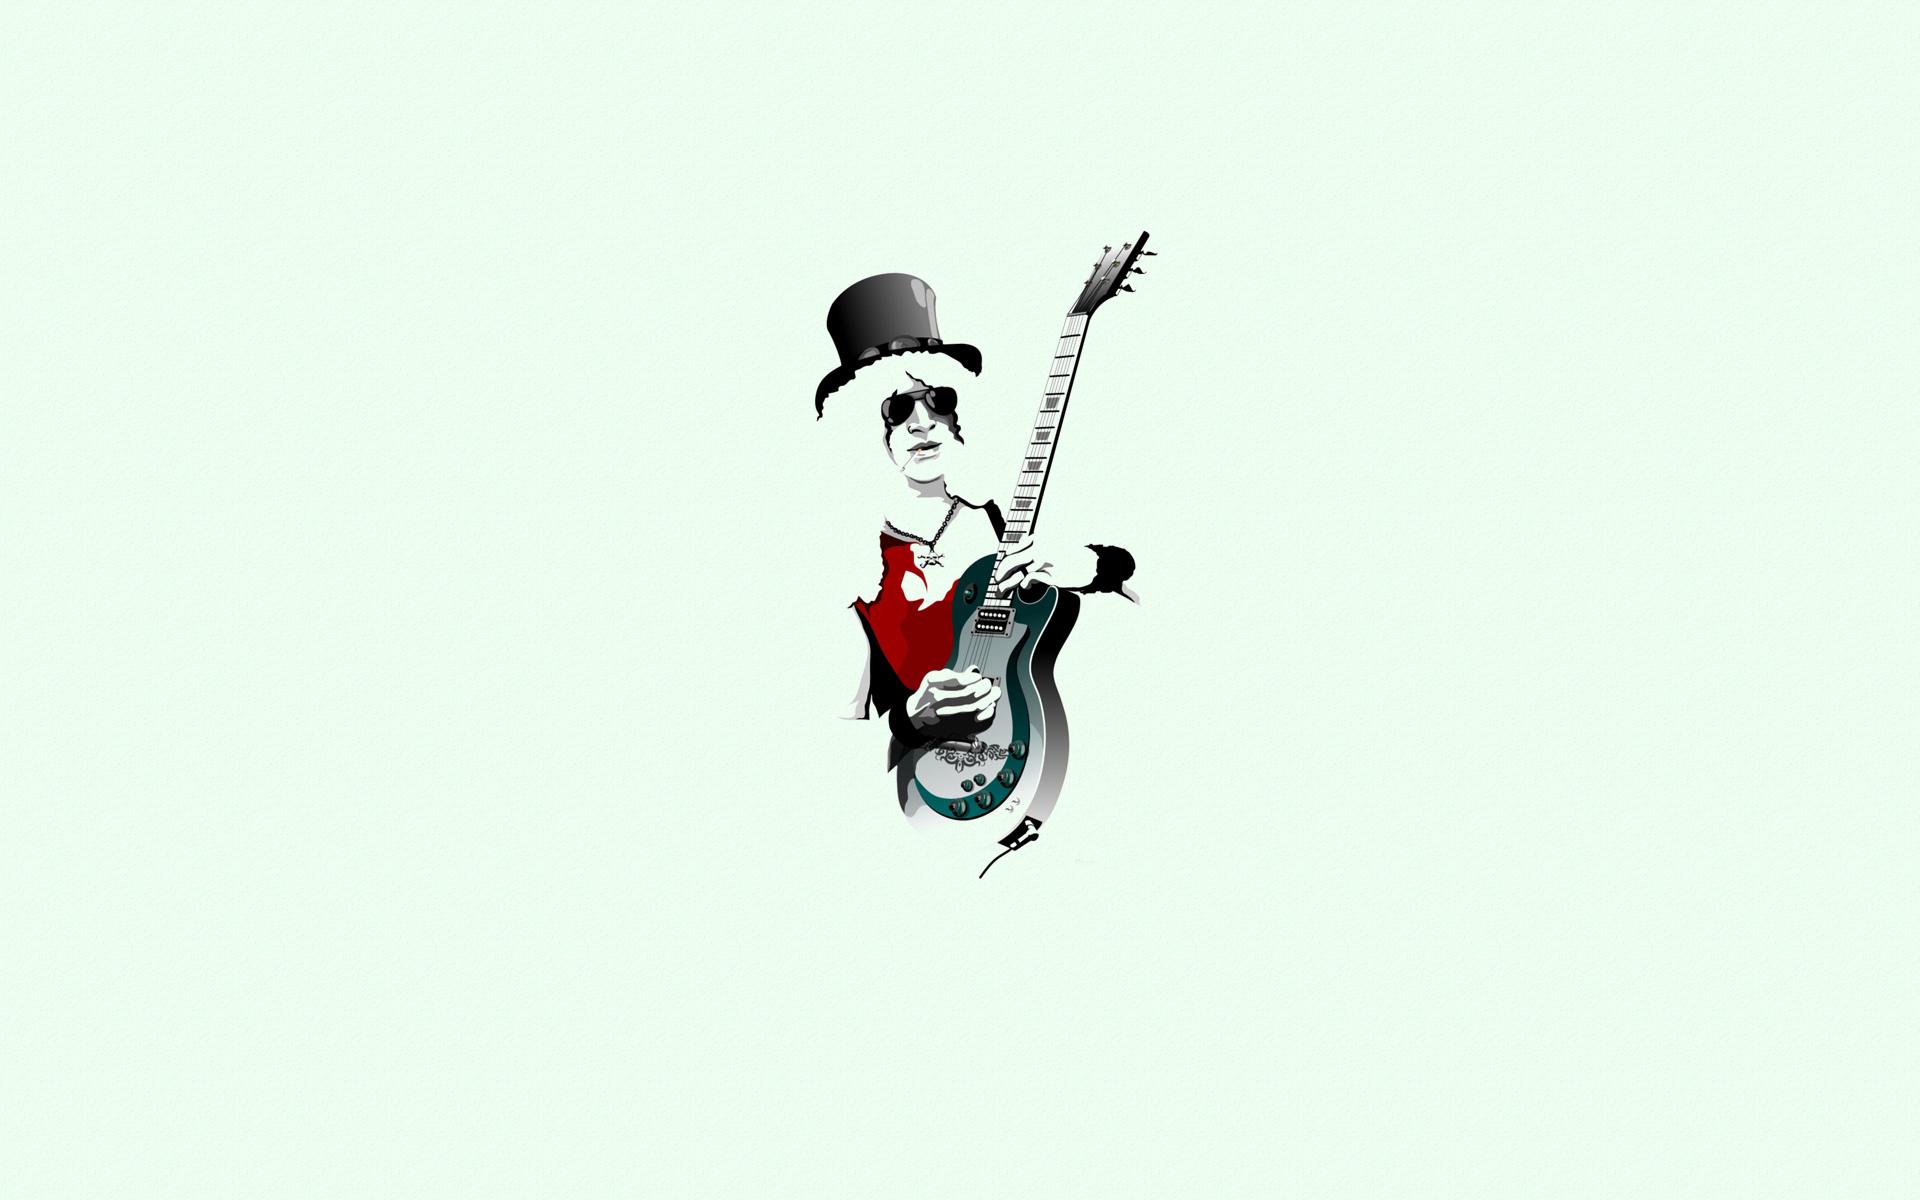 Fotos n roses slash iphone hd wallpaper - Guitarist_guitar_hat_sunglasses_chain_minimalism_slash_guns_roses Html